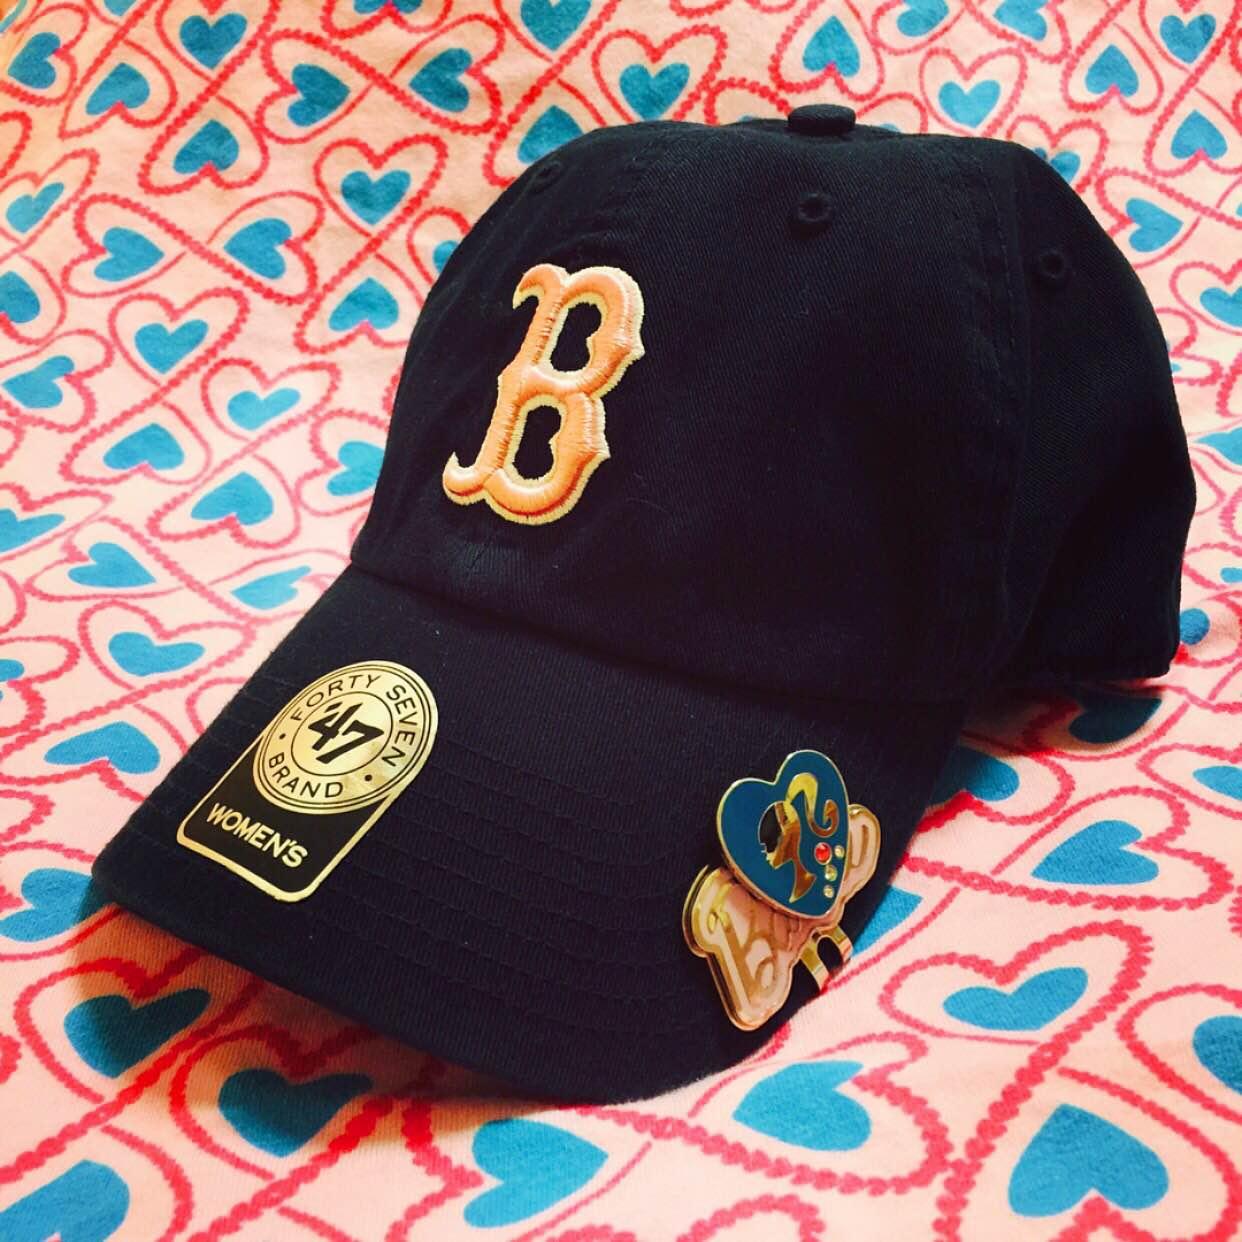 ボストンのBとバービーのB!